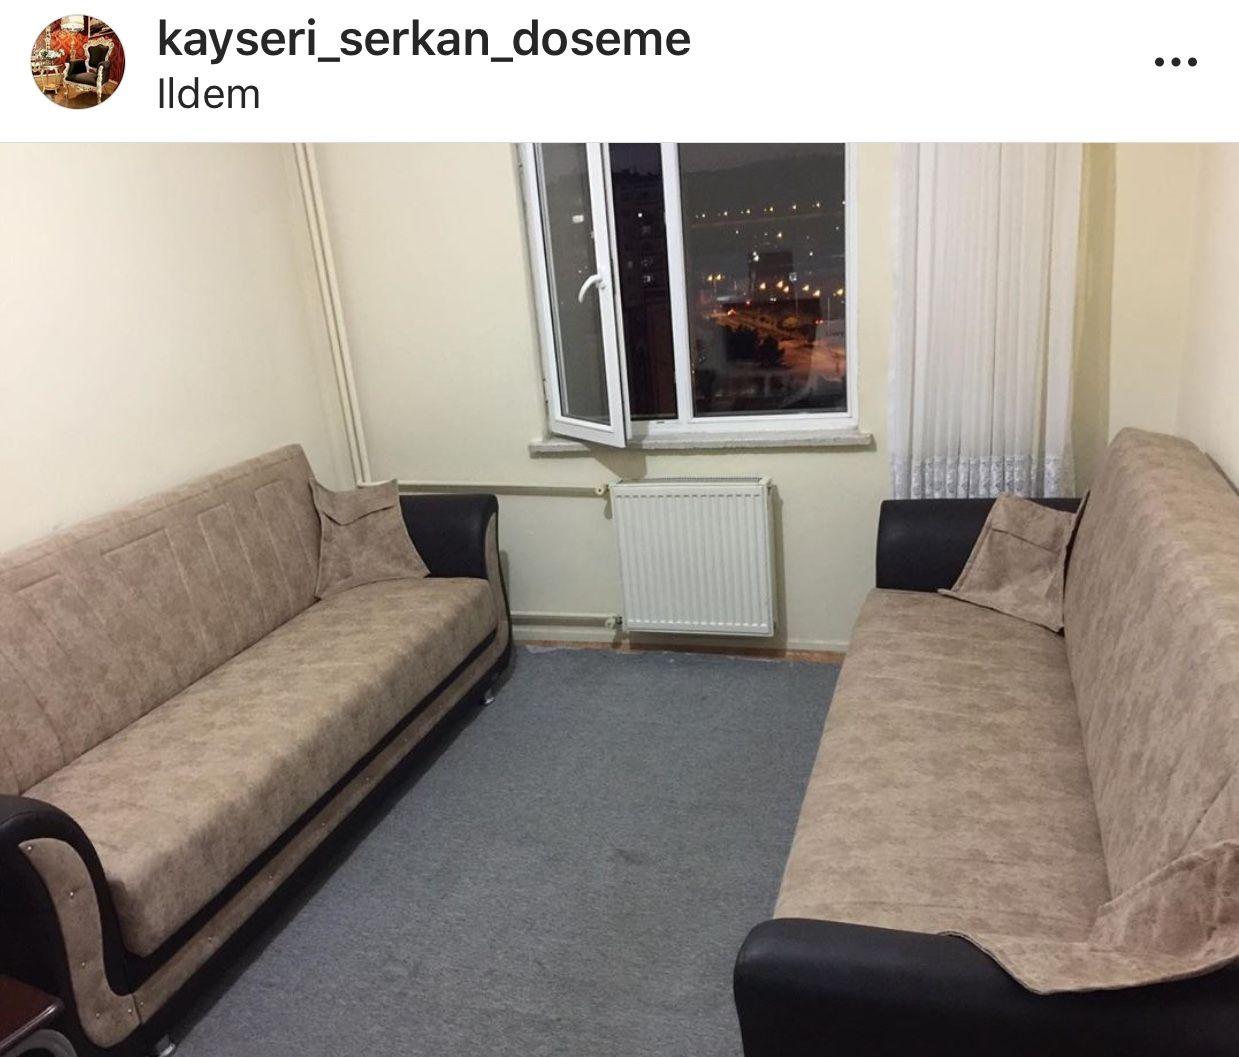 Kayseri Serkan Doseme Kanepe Takimi Salon Takimi 2020 Ic Tasarim Dosemeler Tasarim